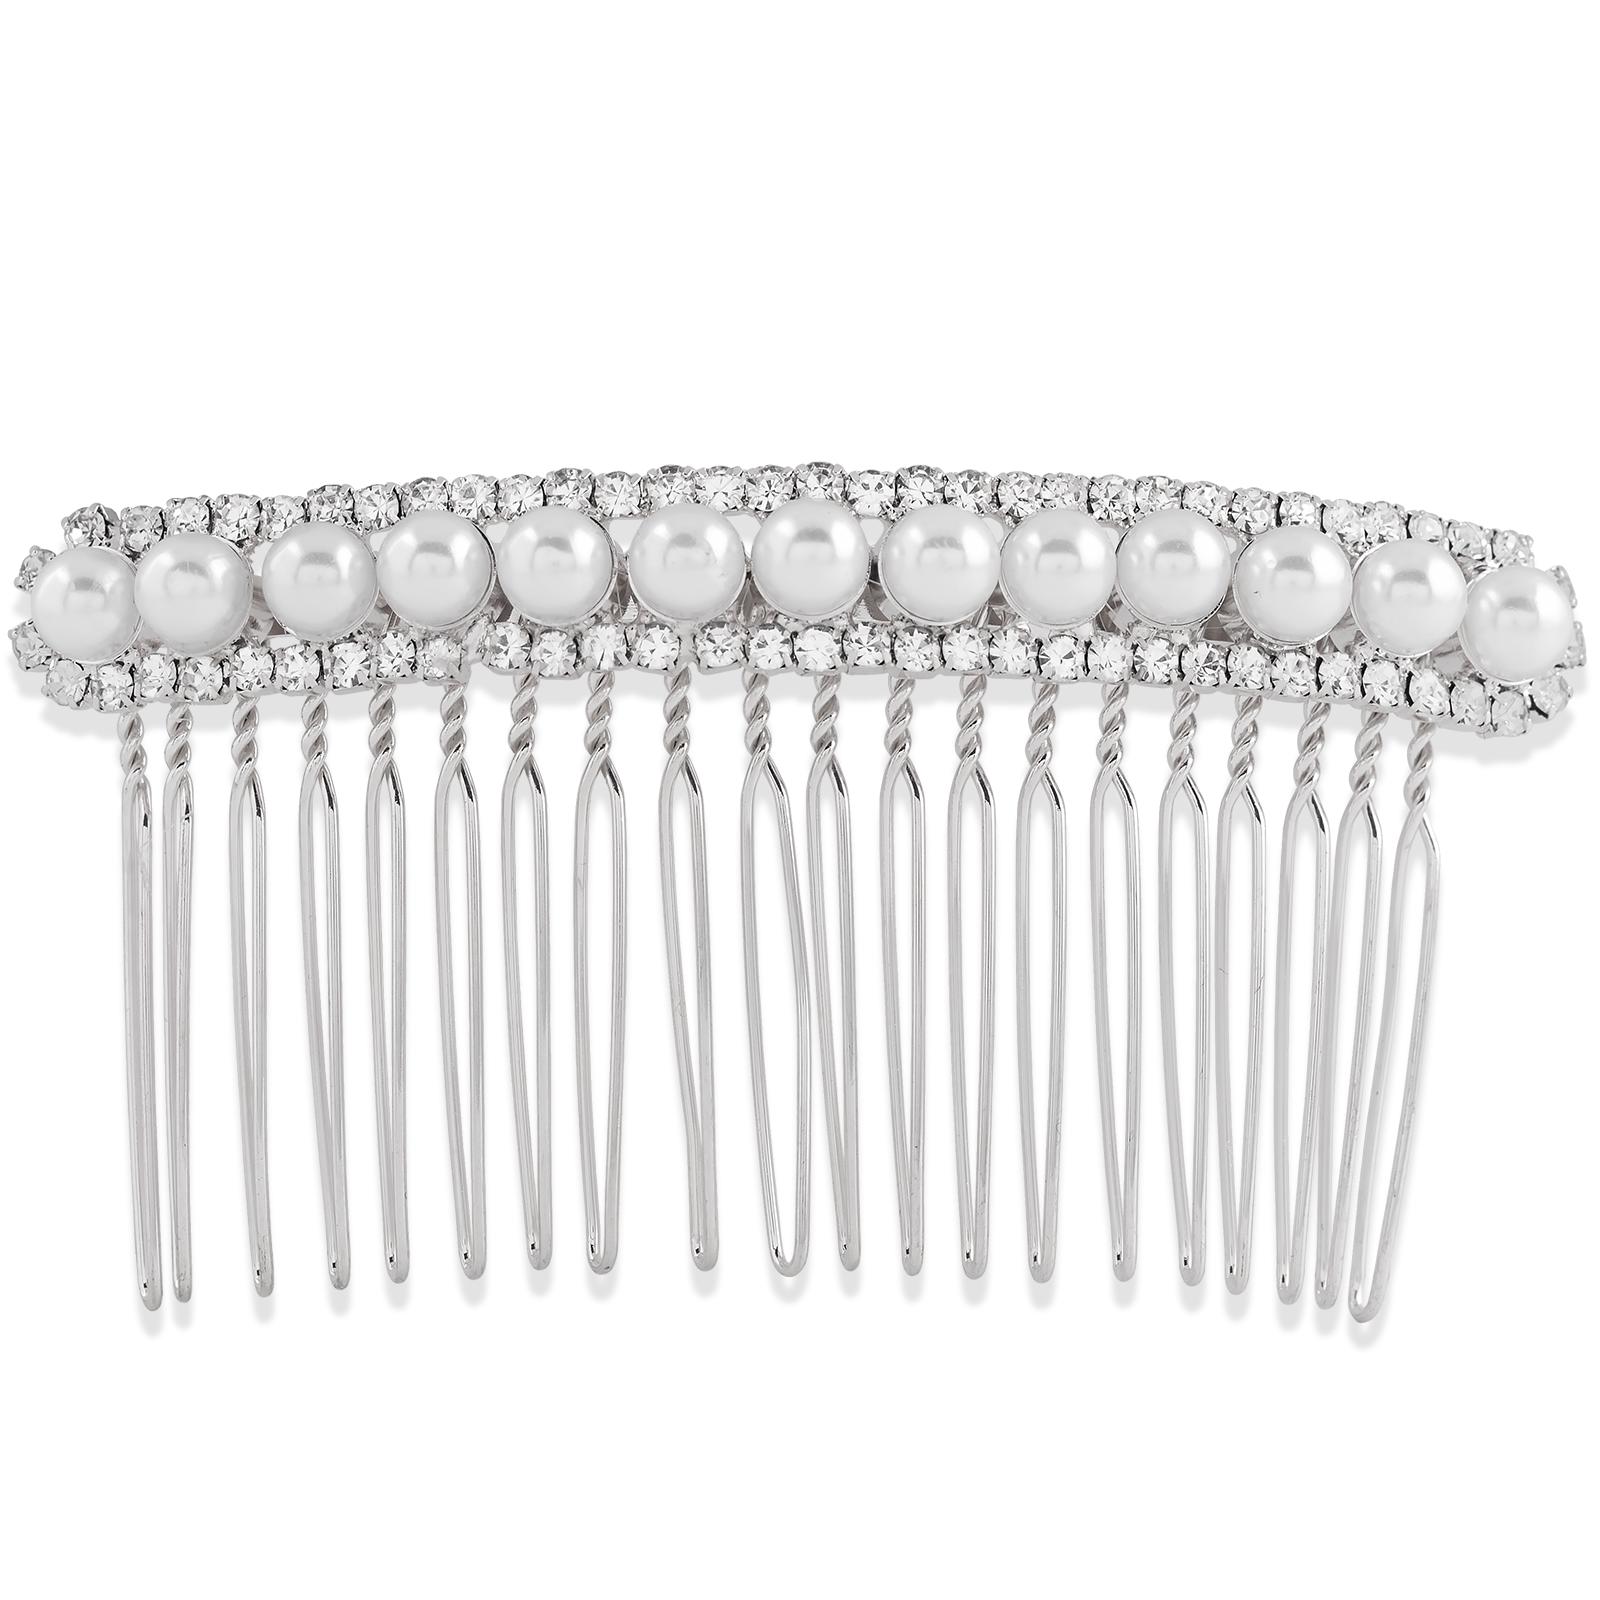 Dekorationskam med vita pärlor och strass